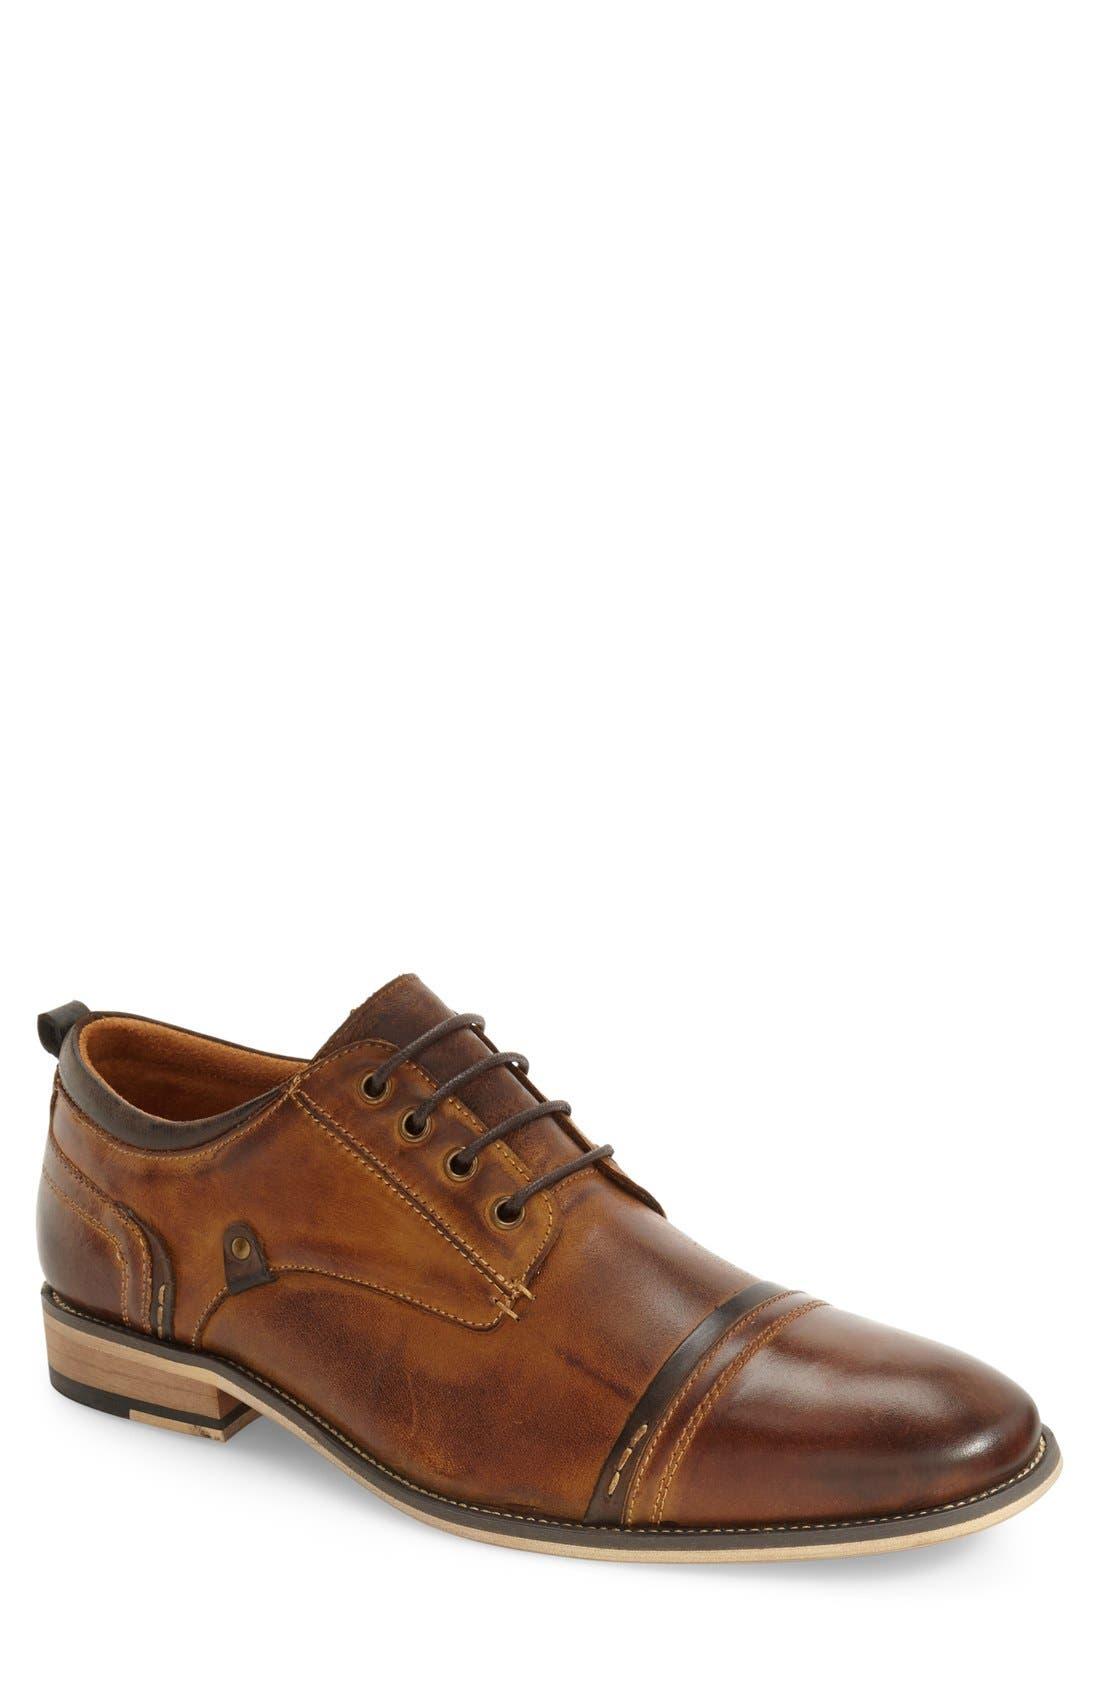 Jamyson Cap Toe Derby,                             Main thumbnail 1, color,                             Tan Leather